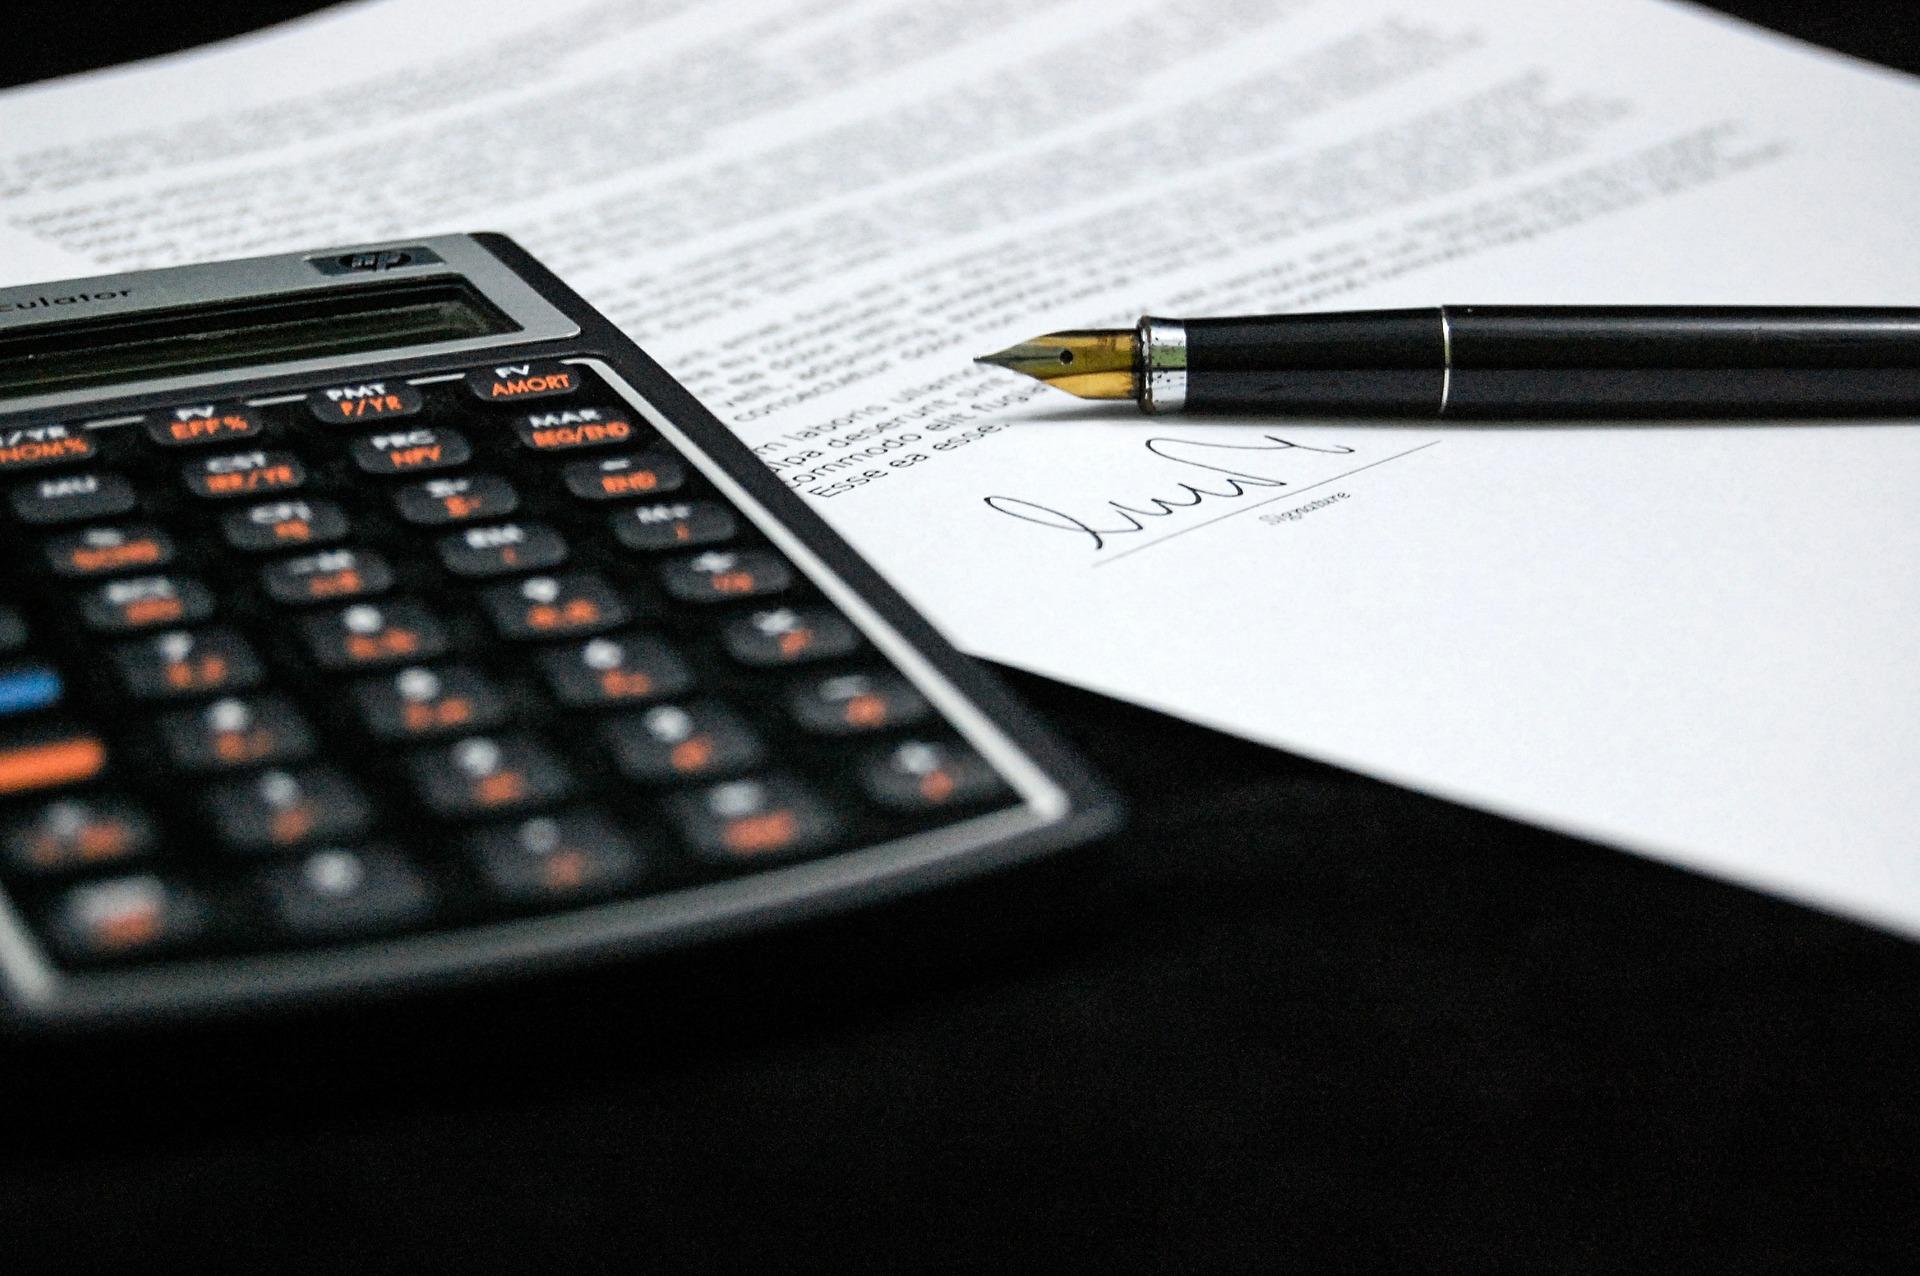 Хакасское Кредитное Агентство Черногорск - Финансовый консалтинг